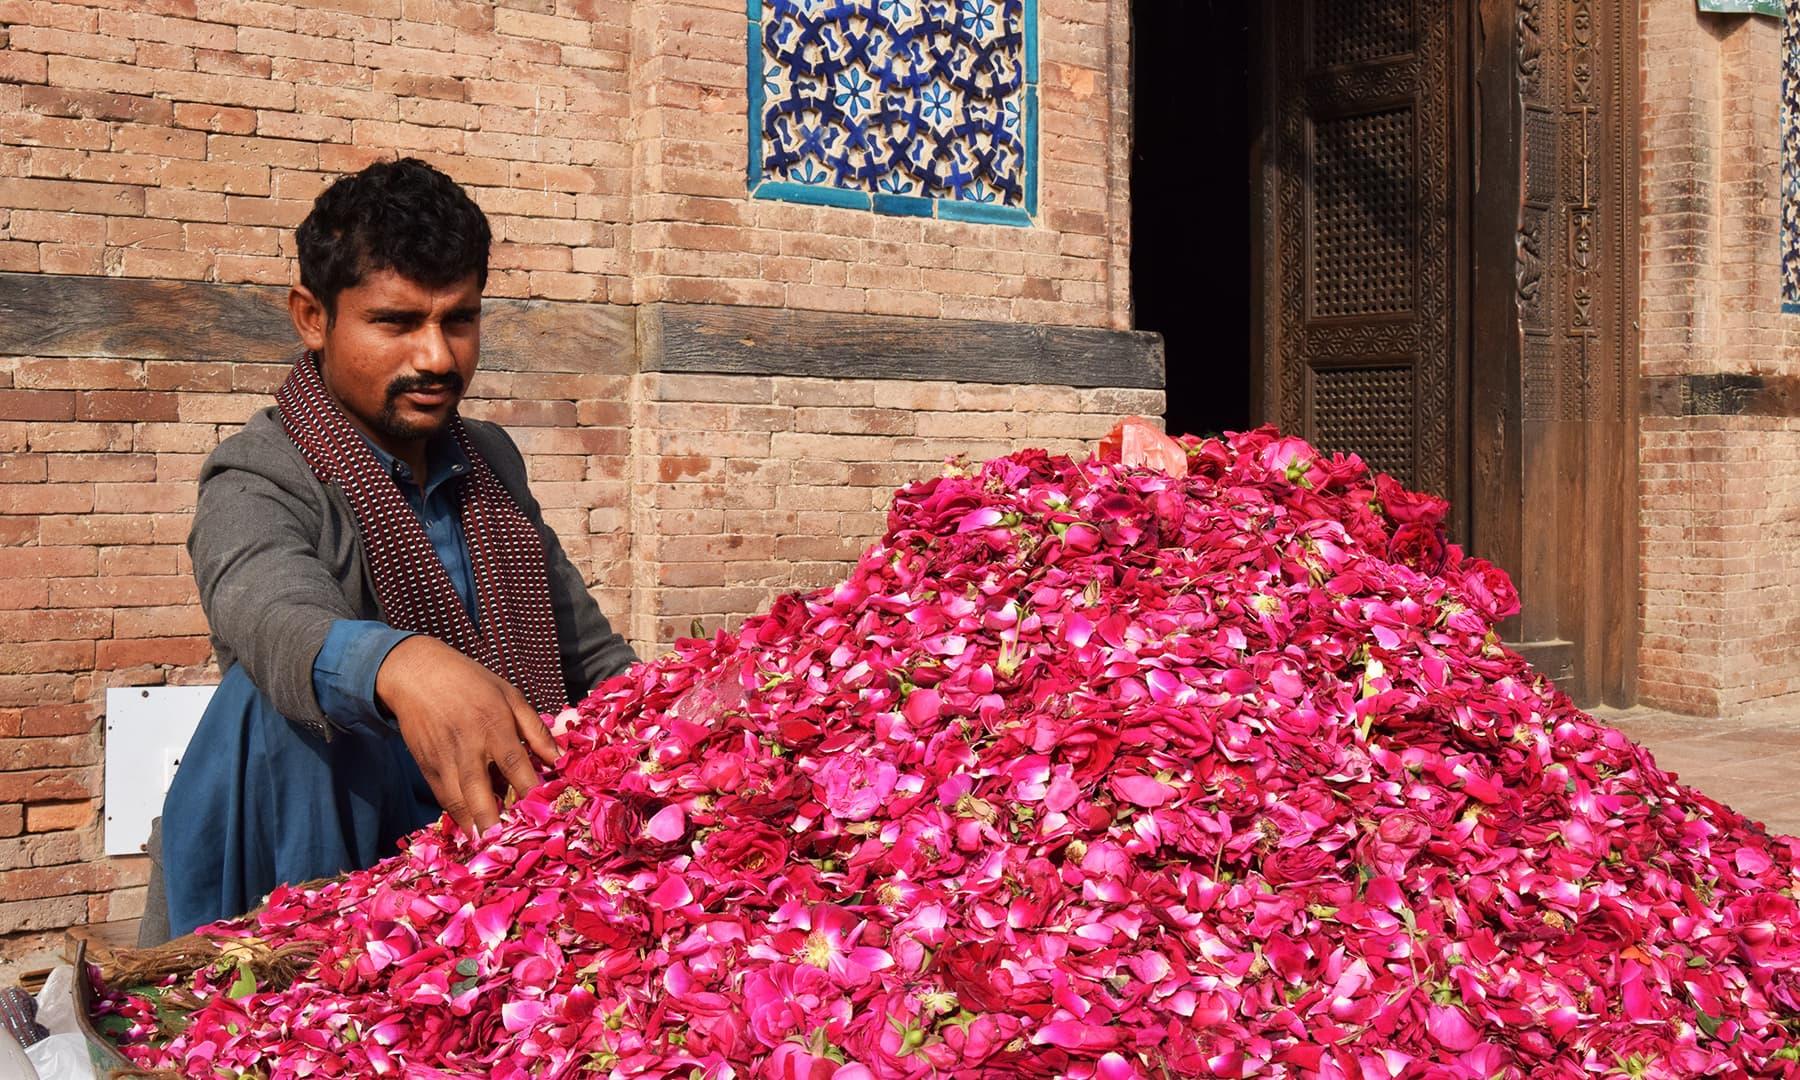 21 سالہ محمد یونس  کا تعلق جنوبی پنجاب کے علاقے خان نگر ضلع  مظفر گڑھ سے ہے—تصویر عظمت اکبر